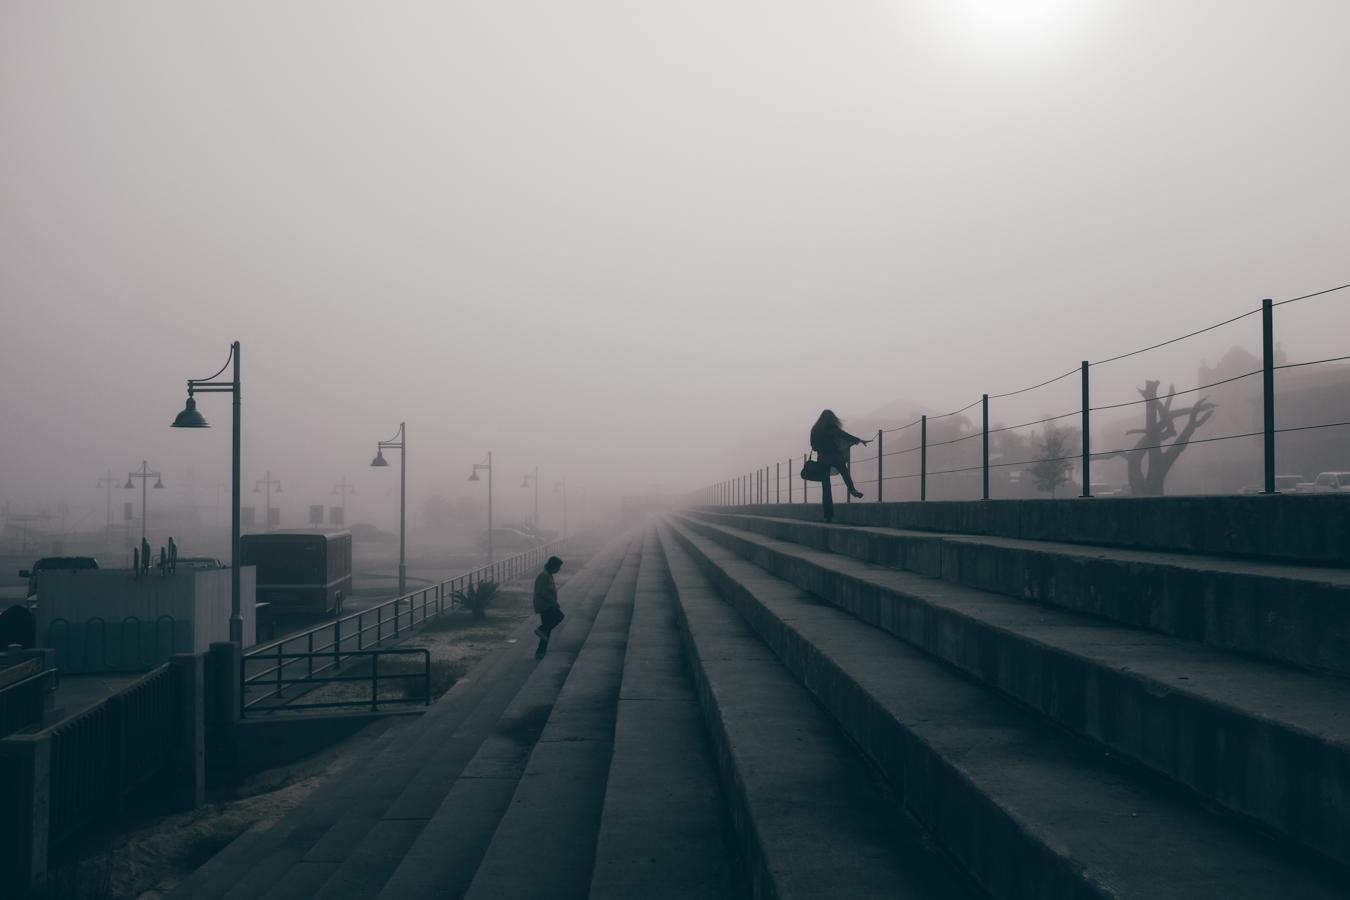 KK_foggybeach-1570.jpg